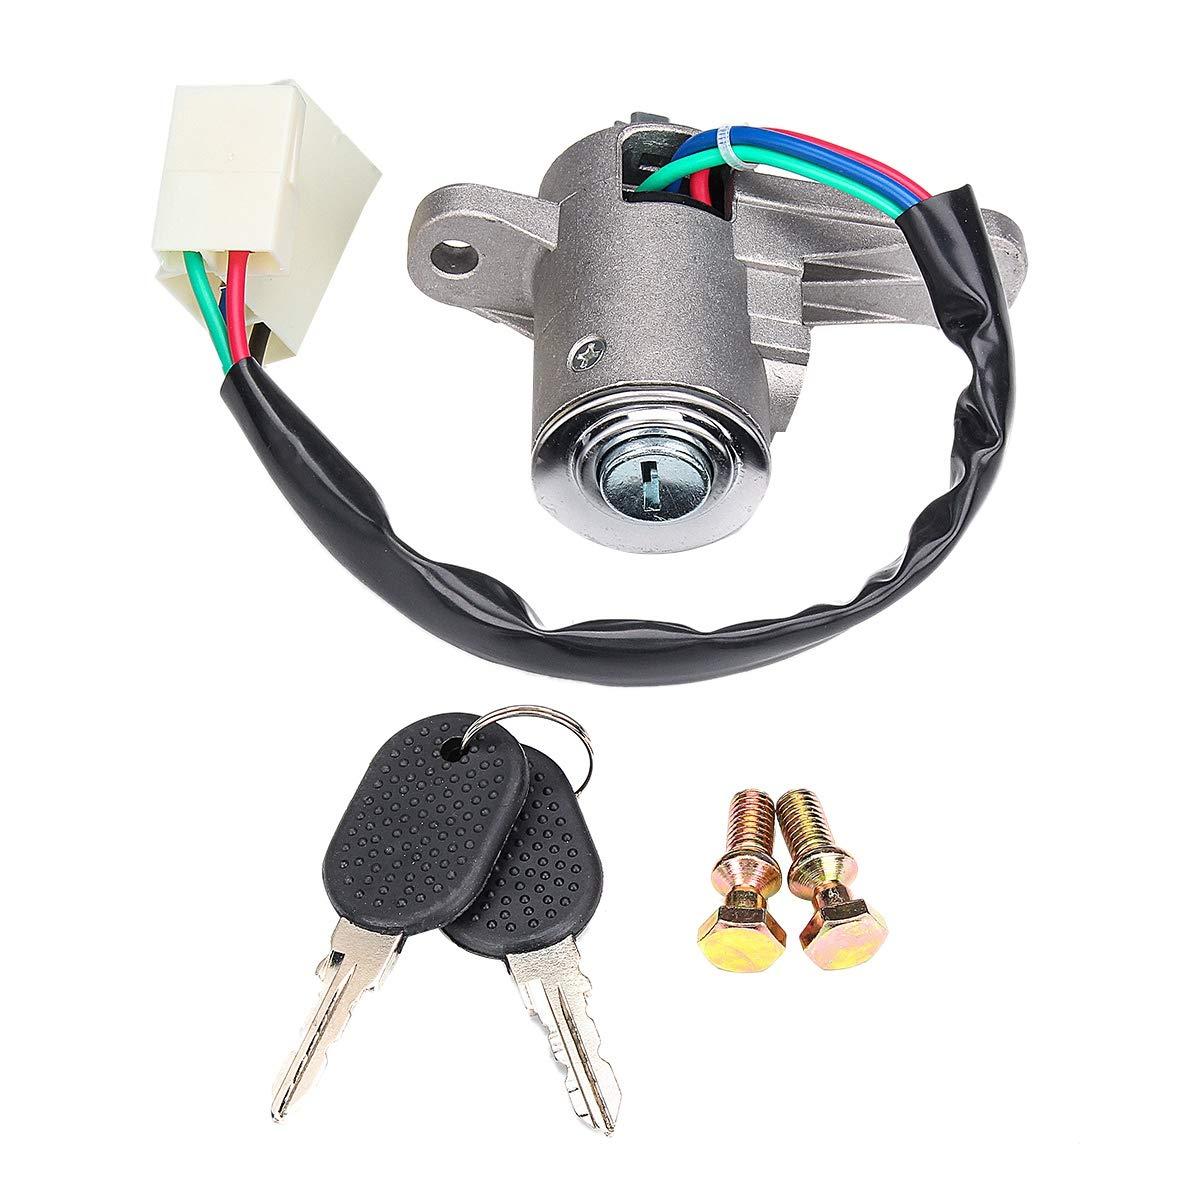 Etase Cerradura del Cilindro del Interruptor de Barril de Encendido con 2 Llaves para Iveco Eurocargo Eurotech Eurotrakker 4837683 41040470 504026642